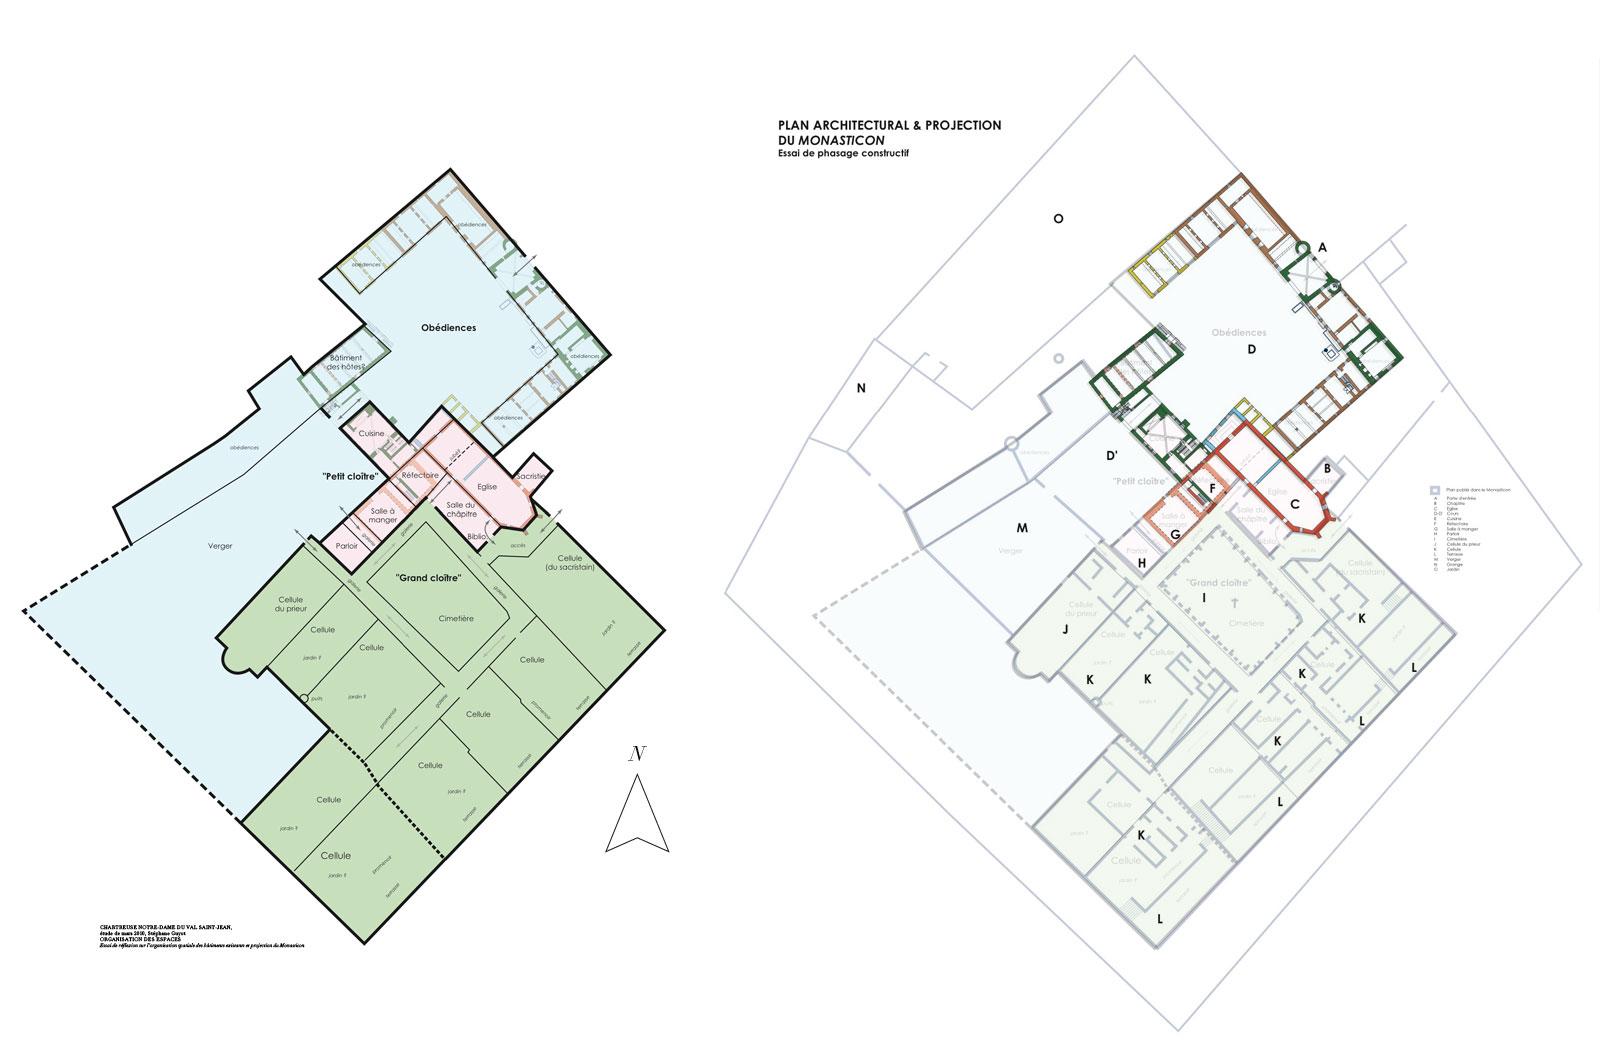 Plans archeo Chartreuse de Basseville mars 2010. Organisation des espaces. Essai de réflexion sur l'organisation spatiale des bâtiments existants et projection du Monasticon.